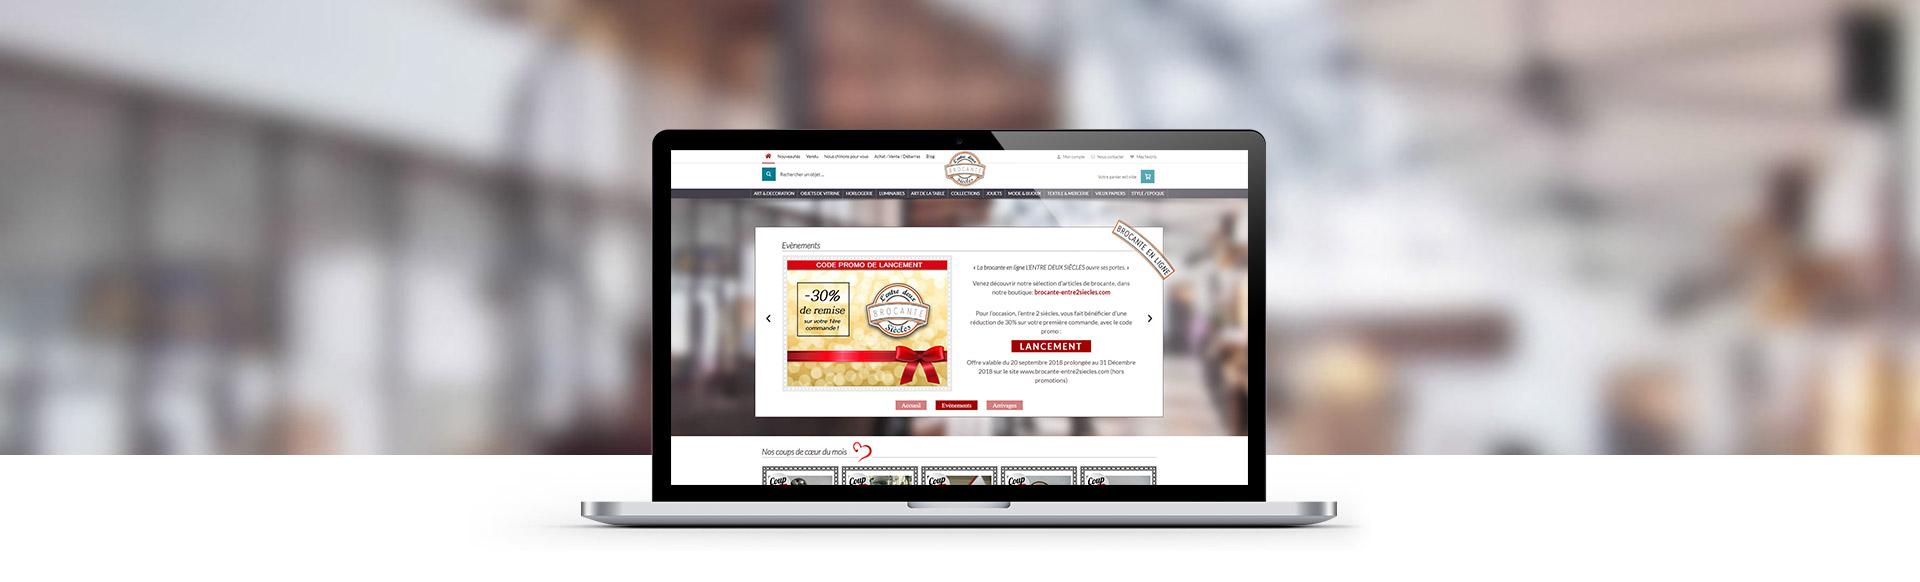 Création site de brocante en ligne